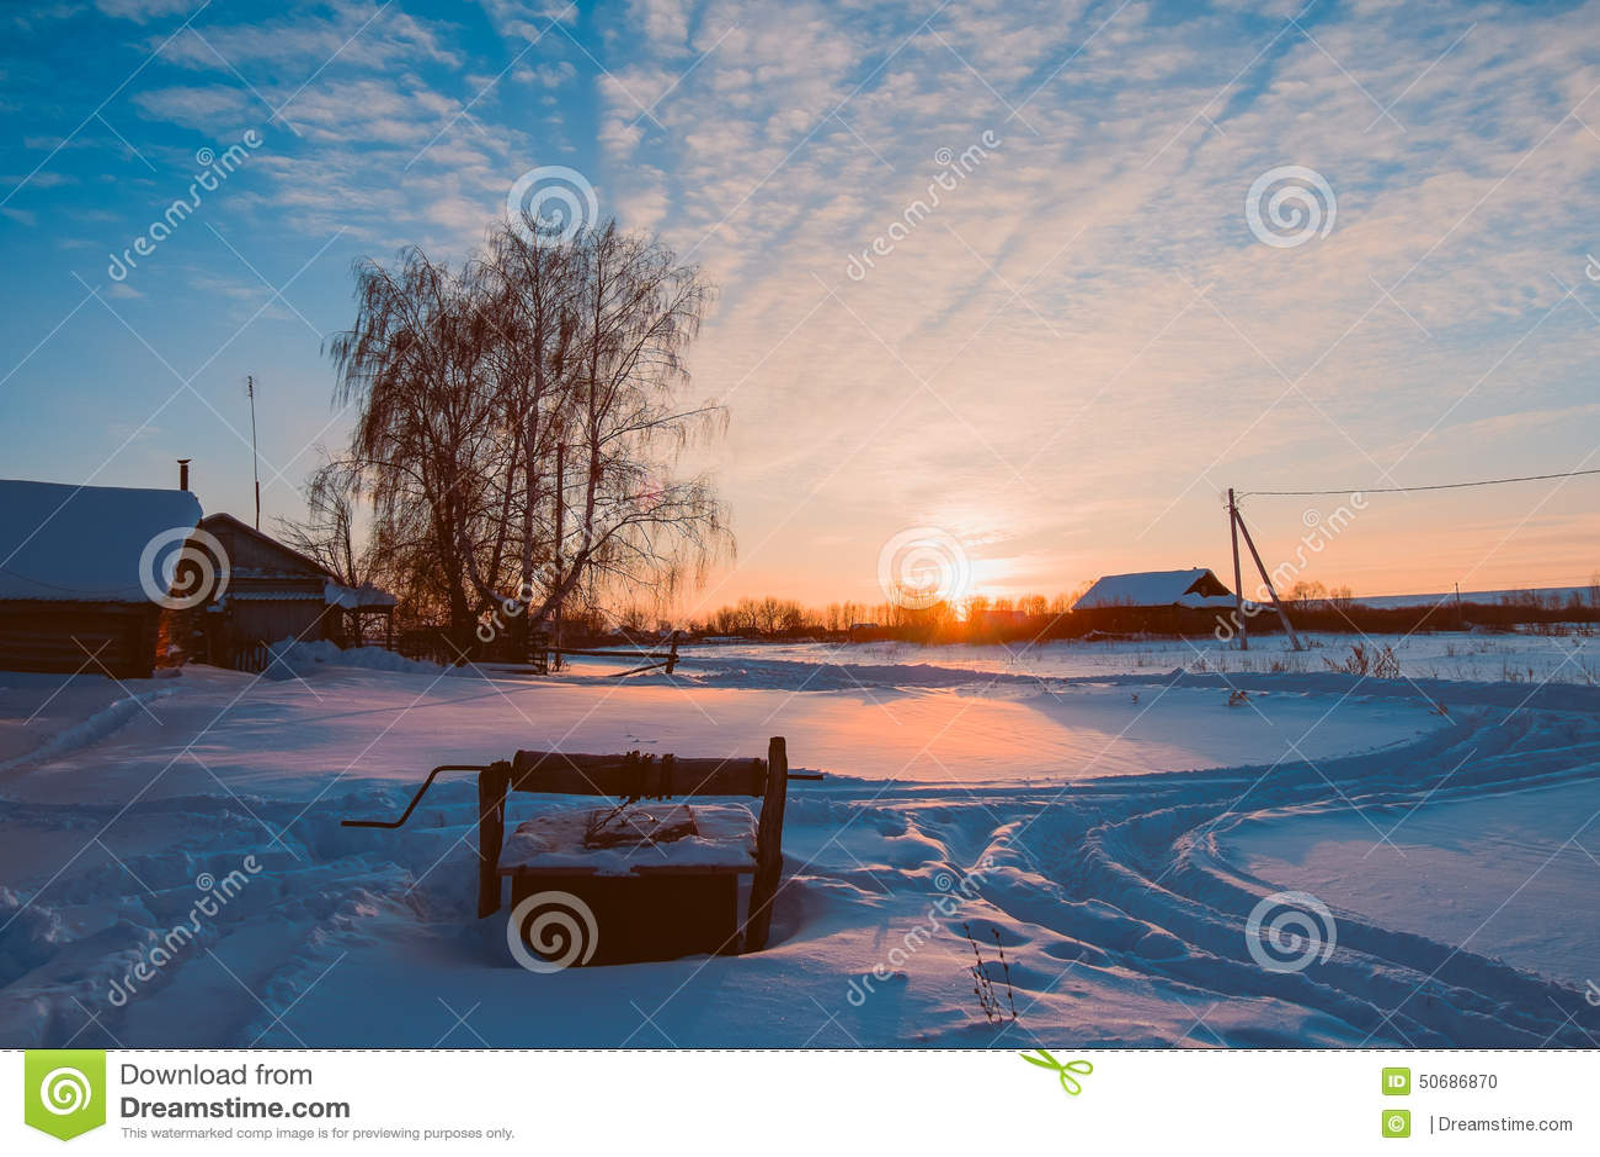 Download 冬天在村庄 库存照片. 图片 包括有 爬犁, 拒绝, 天空, 云彩, 静静地, 其它, 房子, 结构树, 晒裂 - 50686870